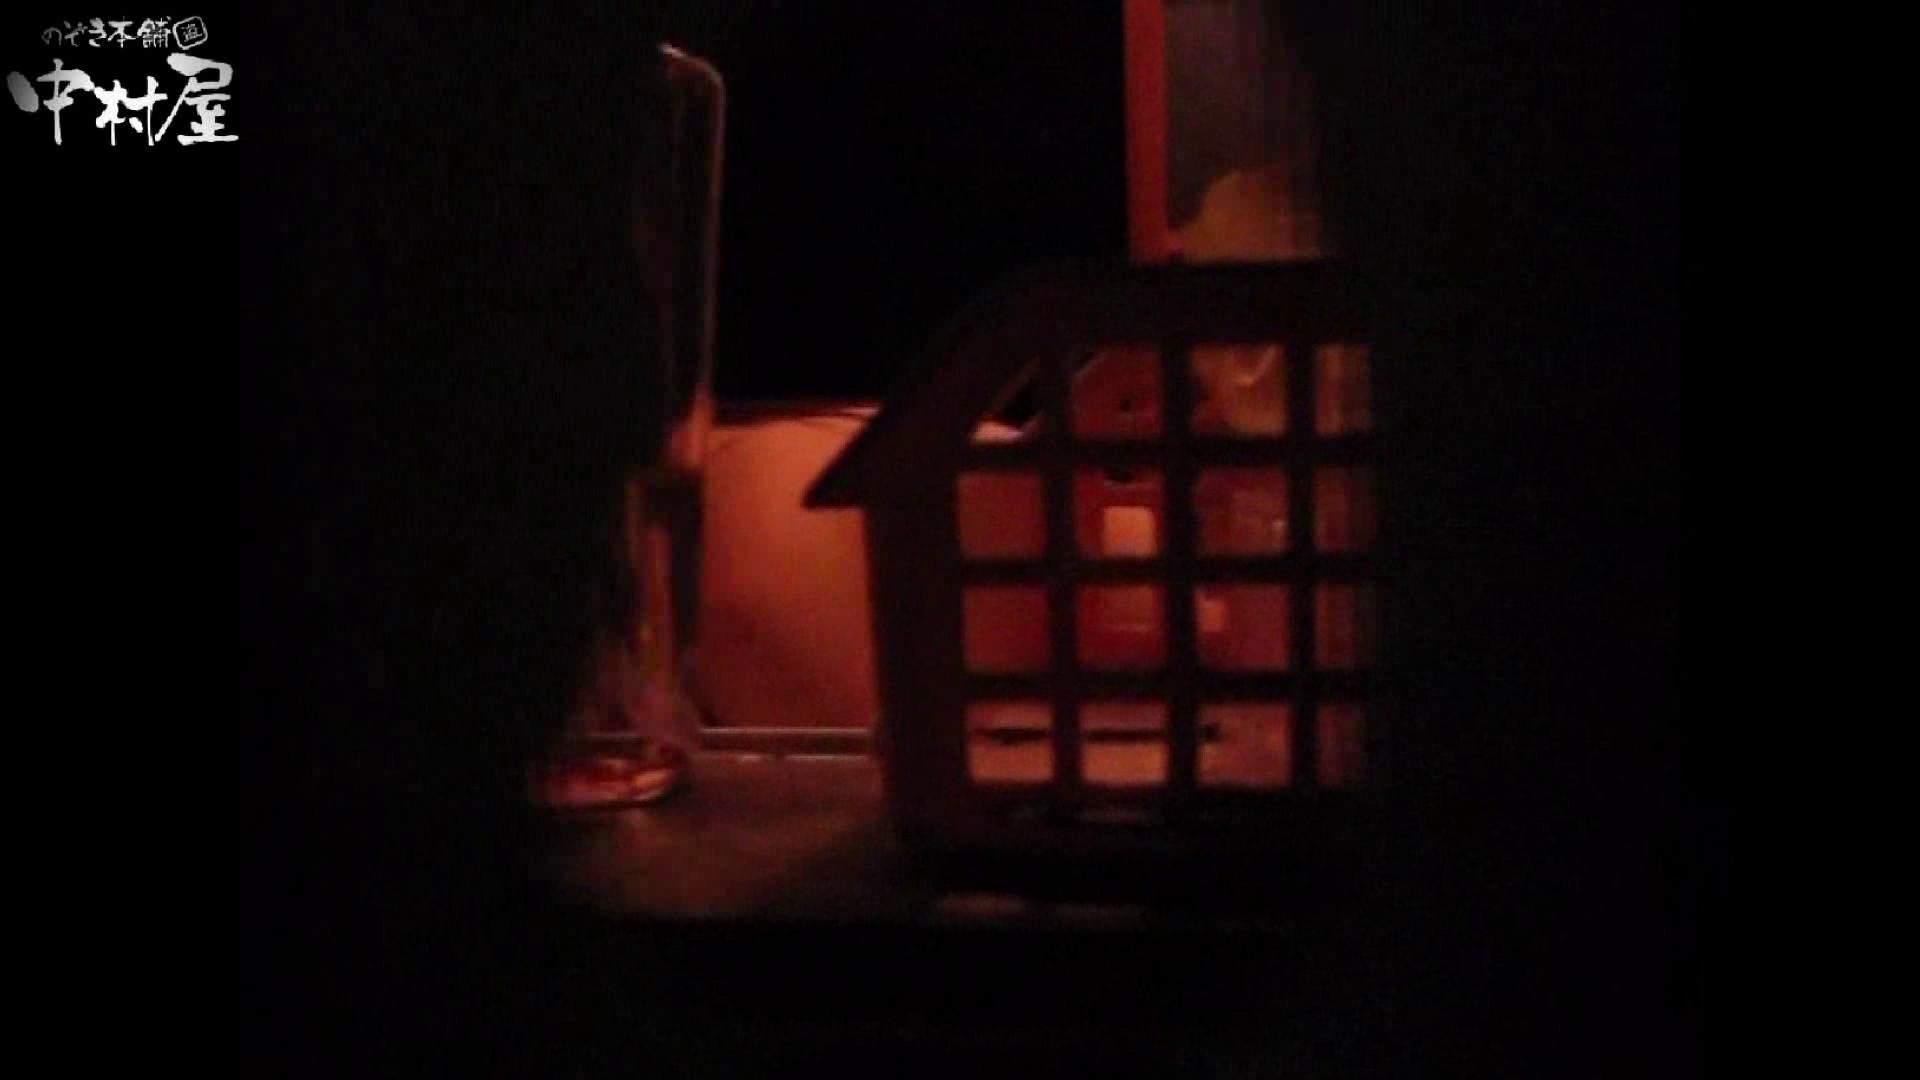 民家風呂専門盗撮師の超危険映像 vol.020 エロい美少女 セックス画像 93PIX 24